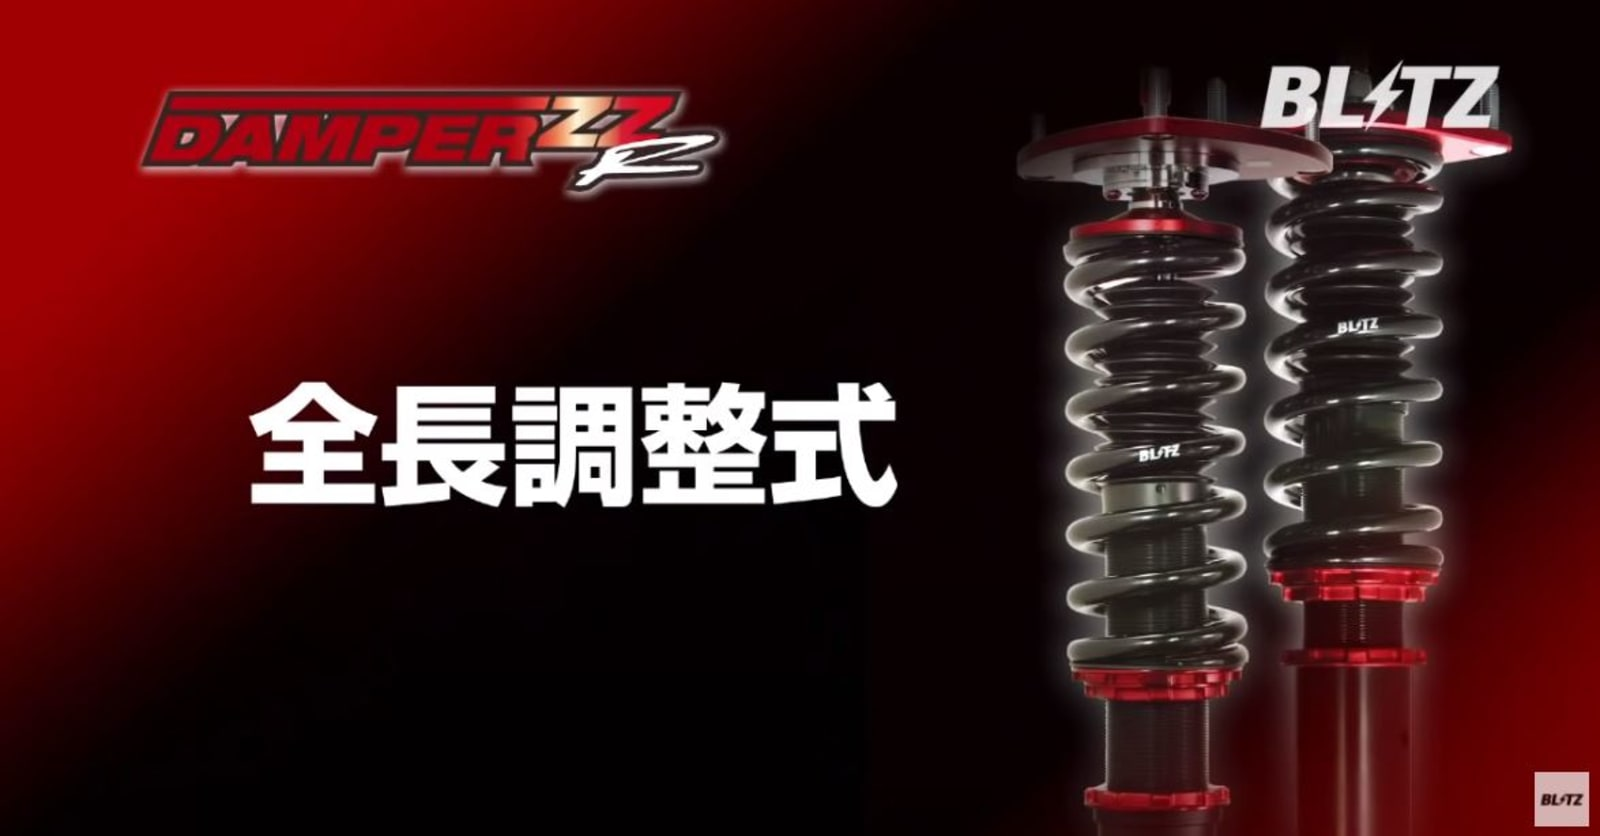 Blitz - ZZ-R Coilover Kit Fits Toyota Alphard '08+